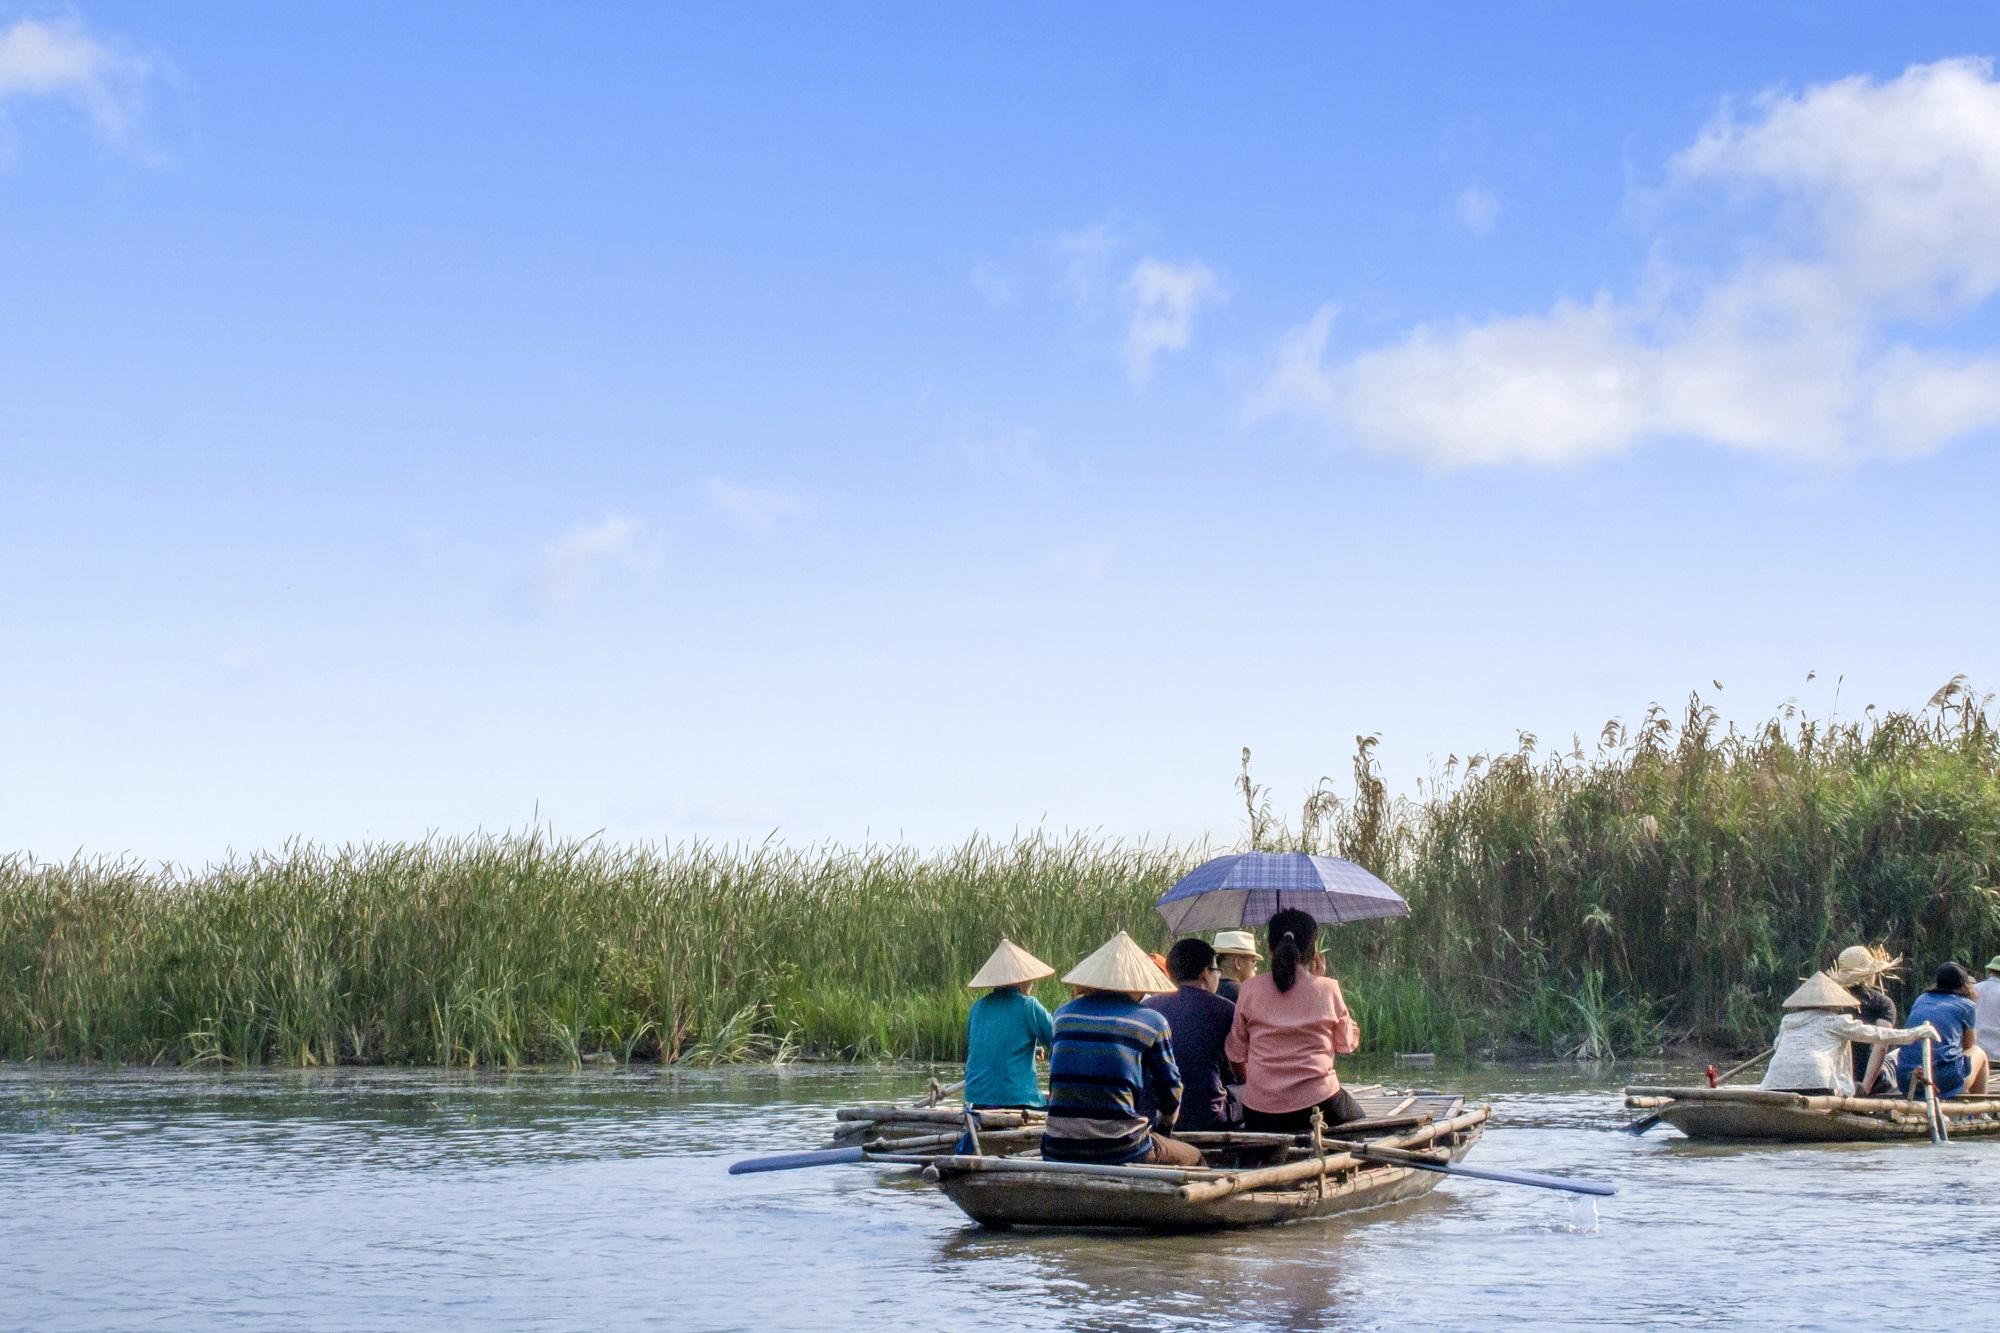 Boat trip in Van Long